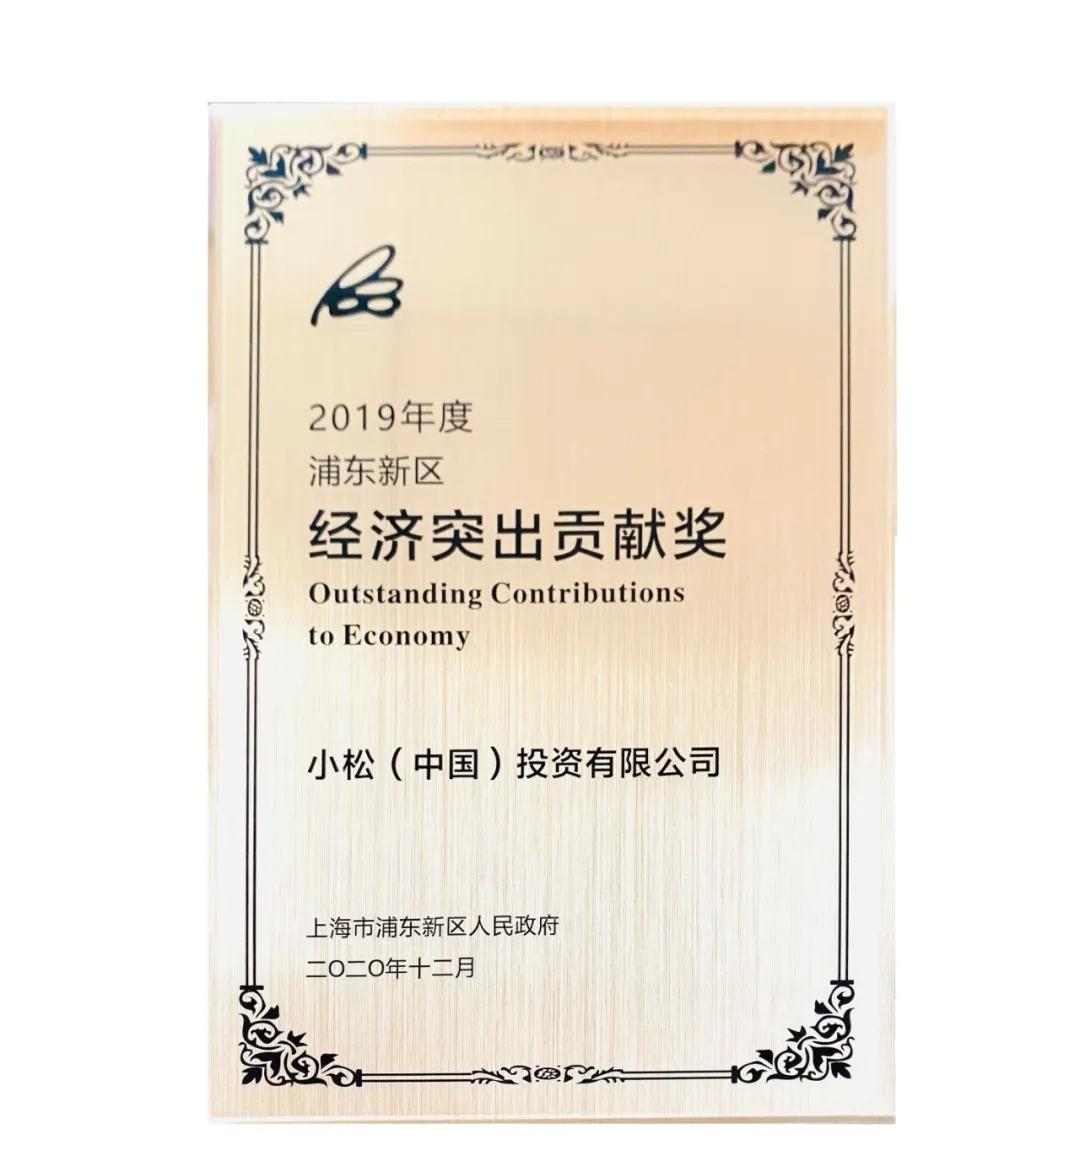 """小松中國榮獲2019年度""""浦東新區經濟突出貢獻獎"""""""